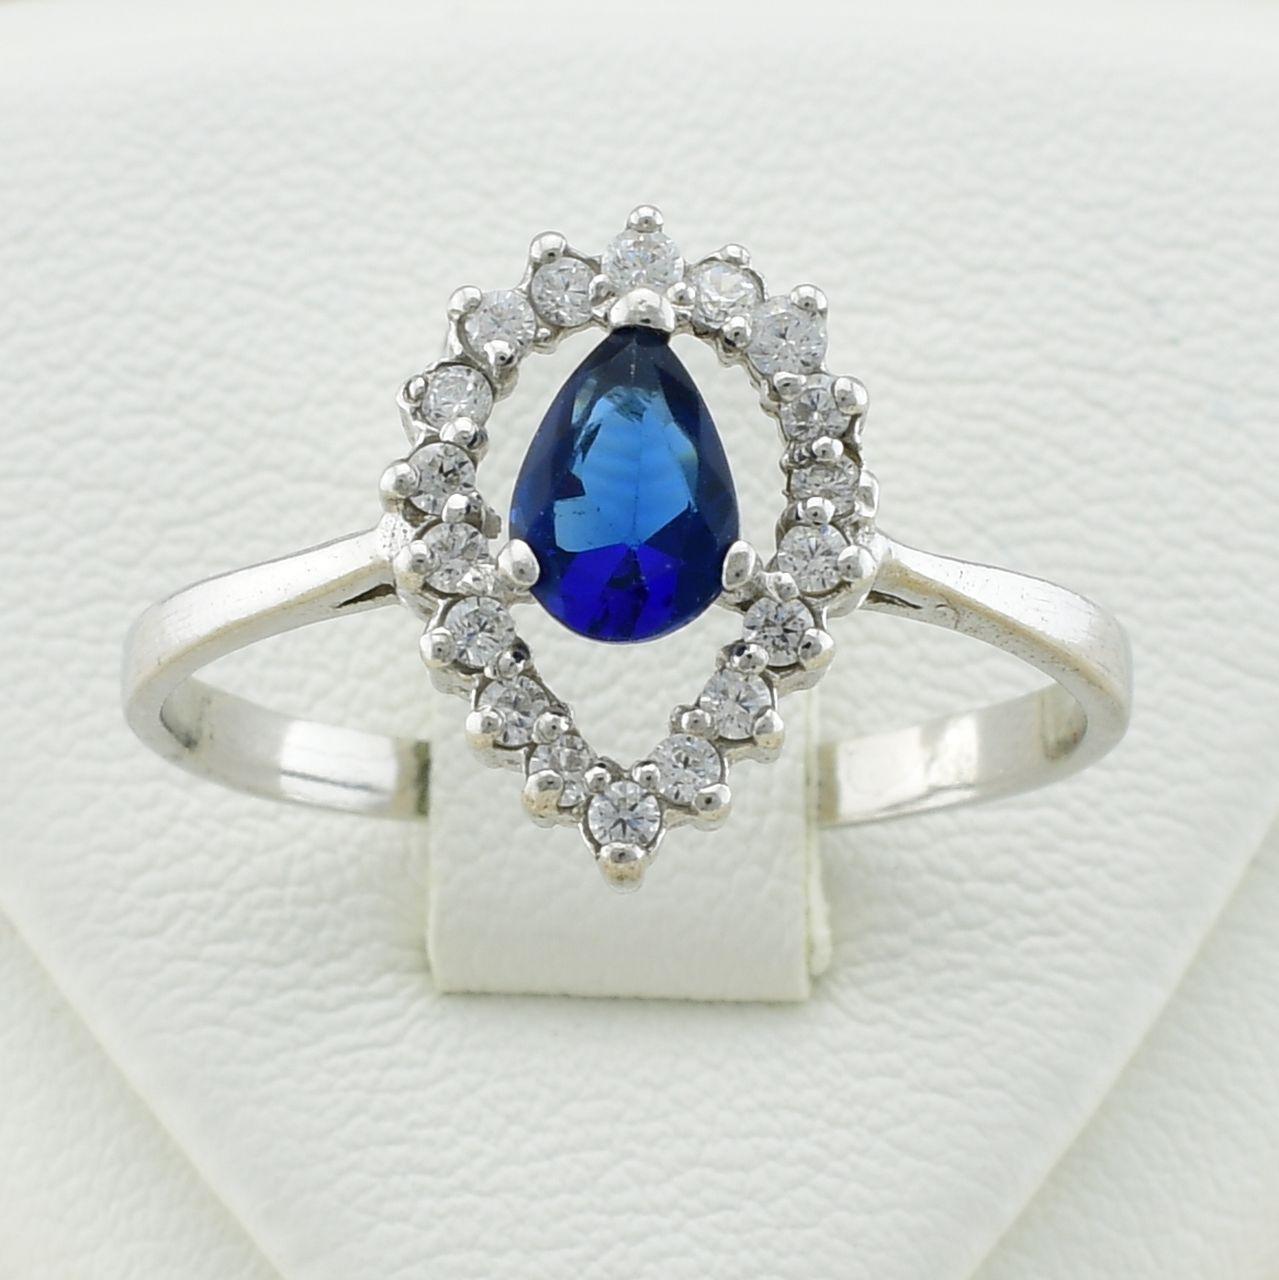 Серебряное кольцо Айленд размер 19.5 вставка синие фианиты вес 2.4 г